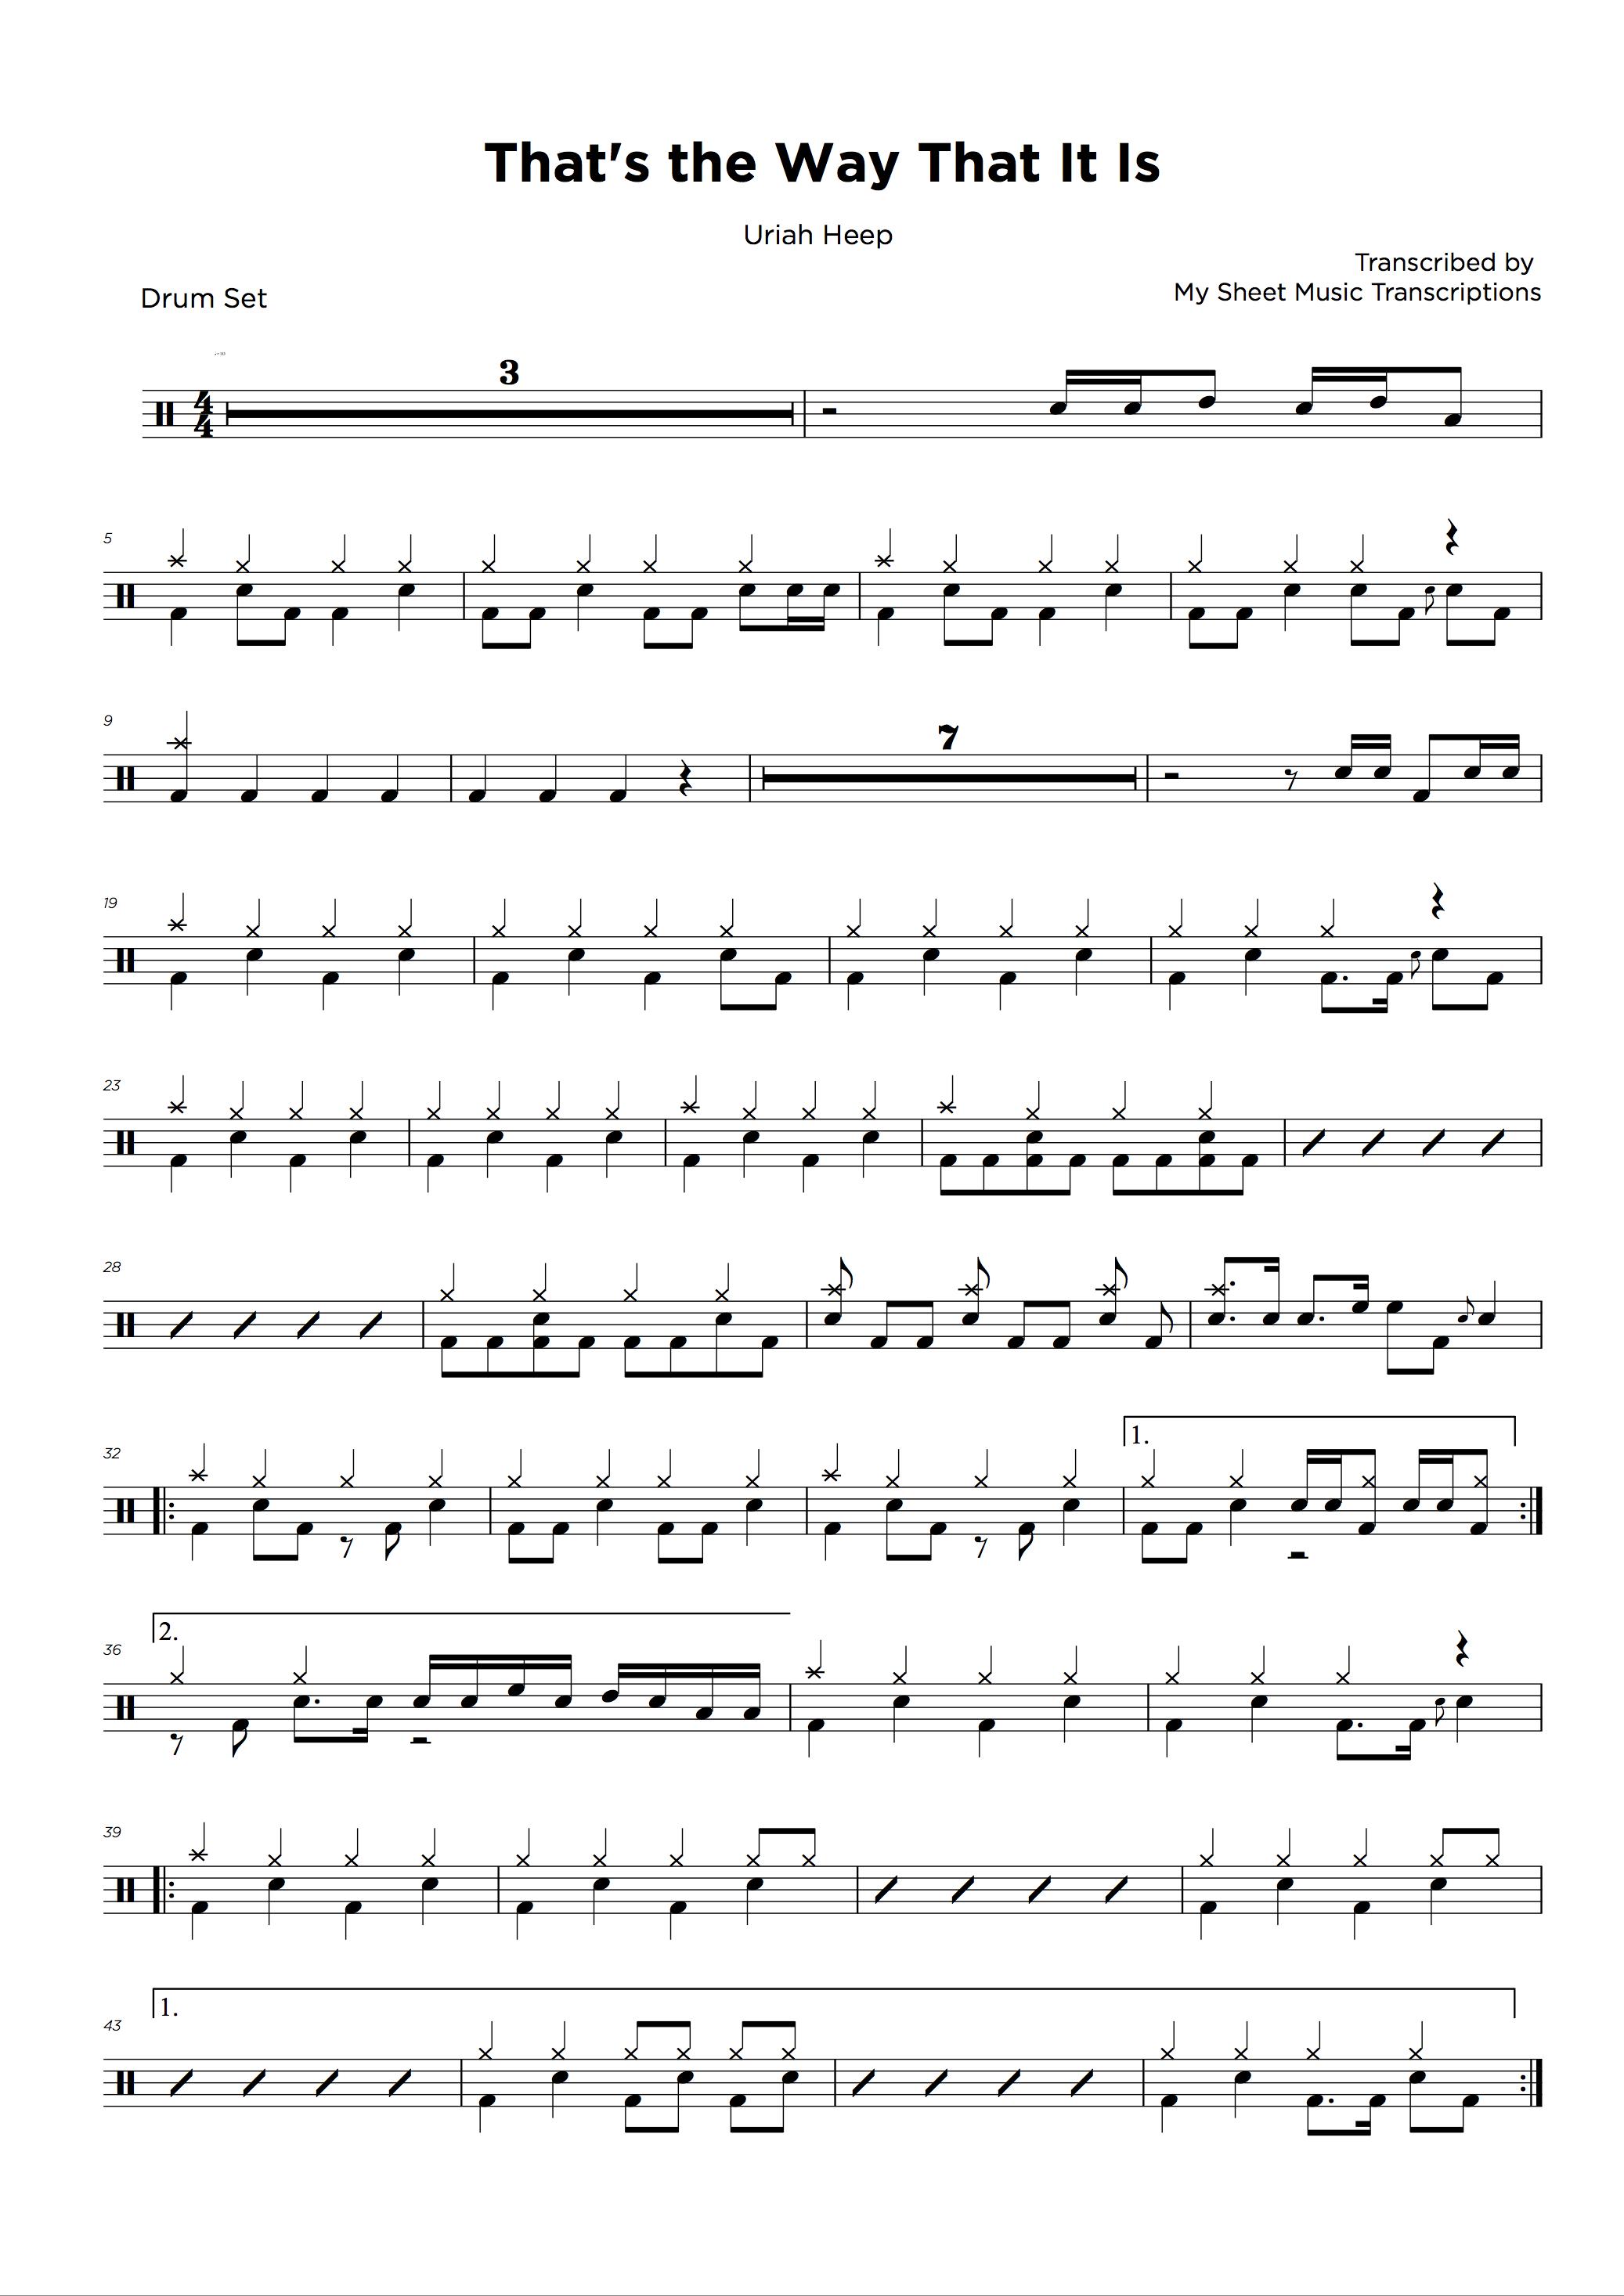 Drum transcriptions service